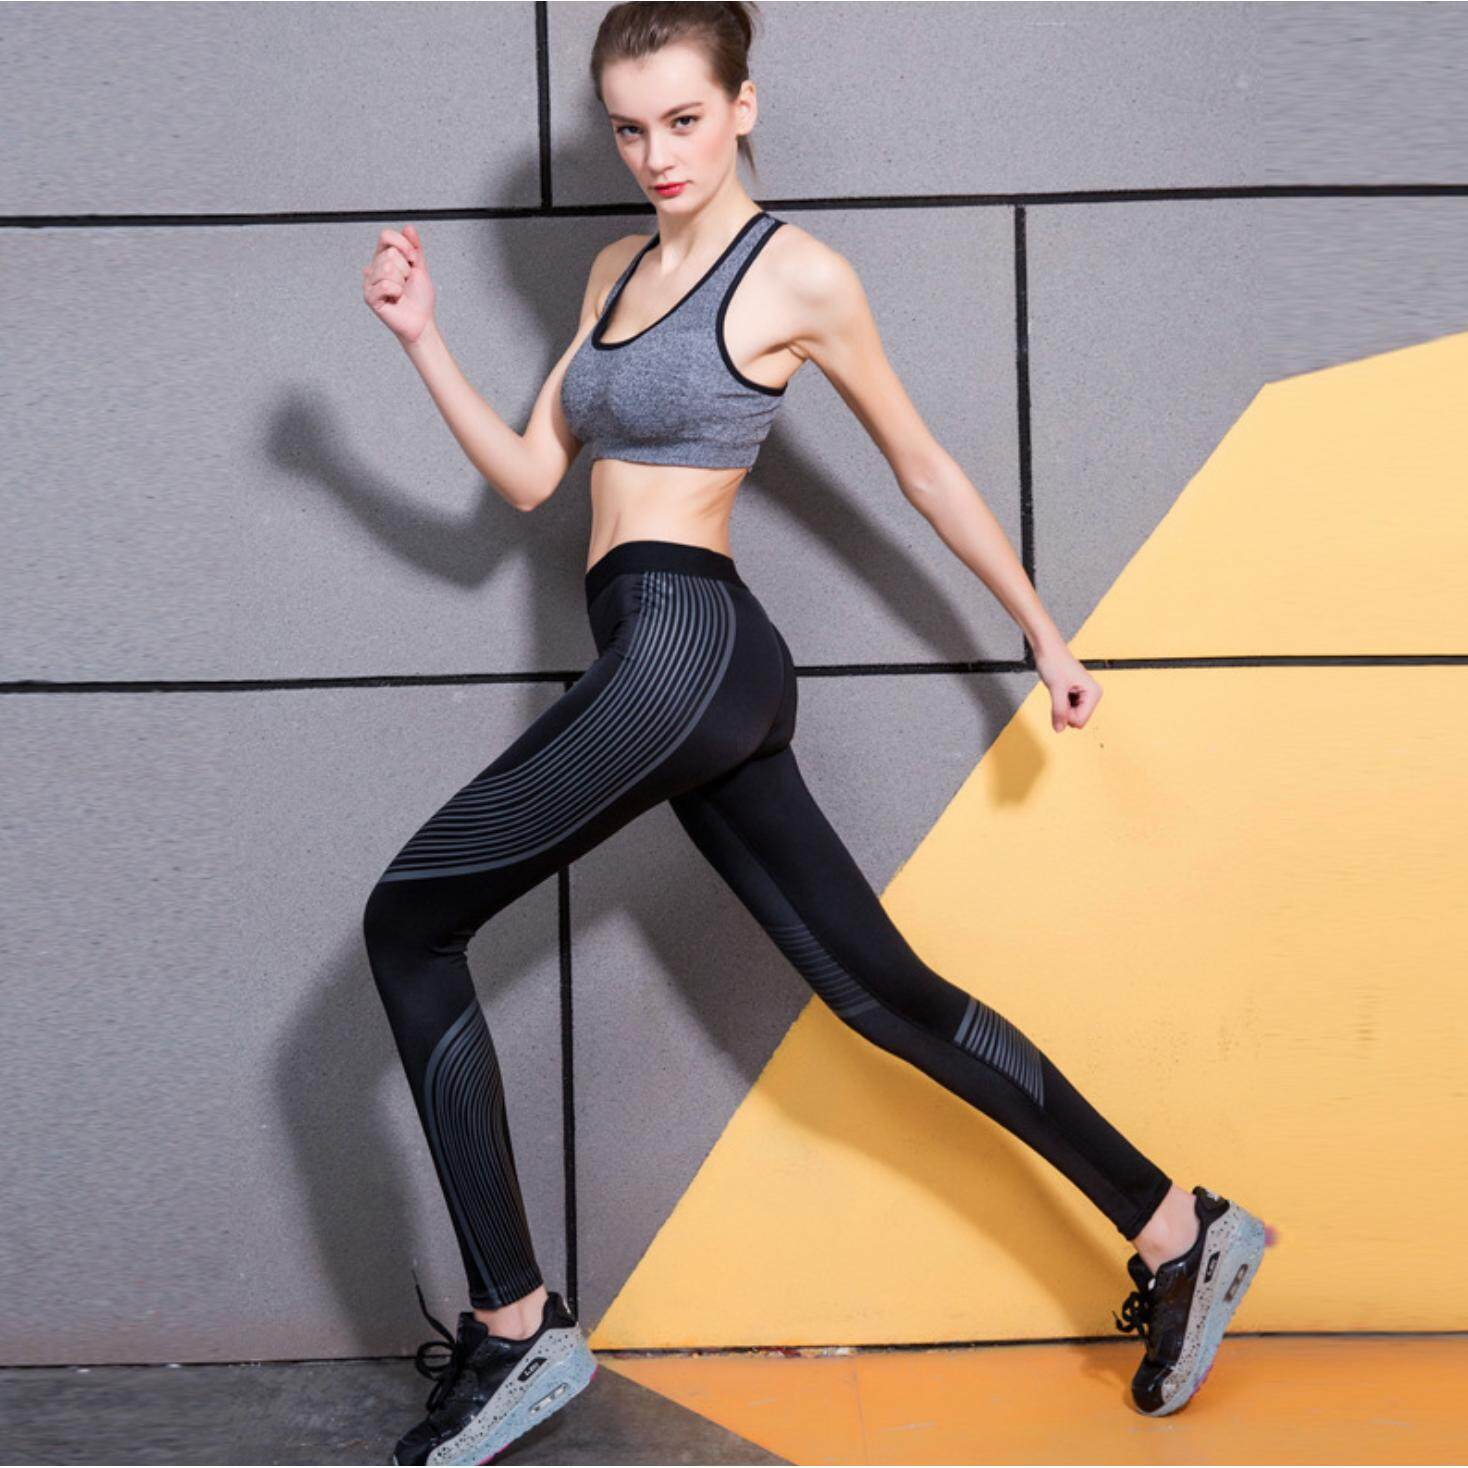 ขาย กางเกงผู้หญิงขายาวออกกำลังกาย โยคะ ฟิตเนส กระชับกล้ามเนื้อ ราคาถูกที่สุด